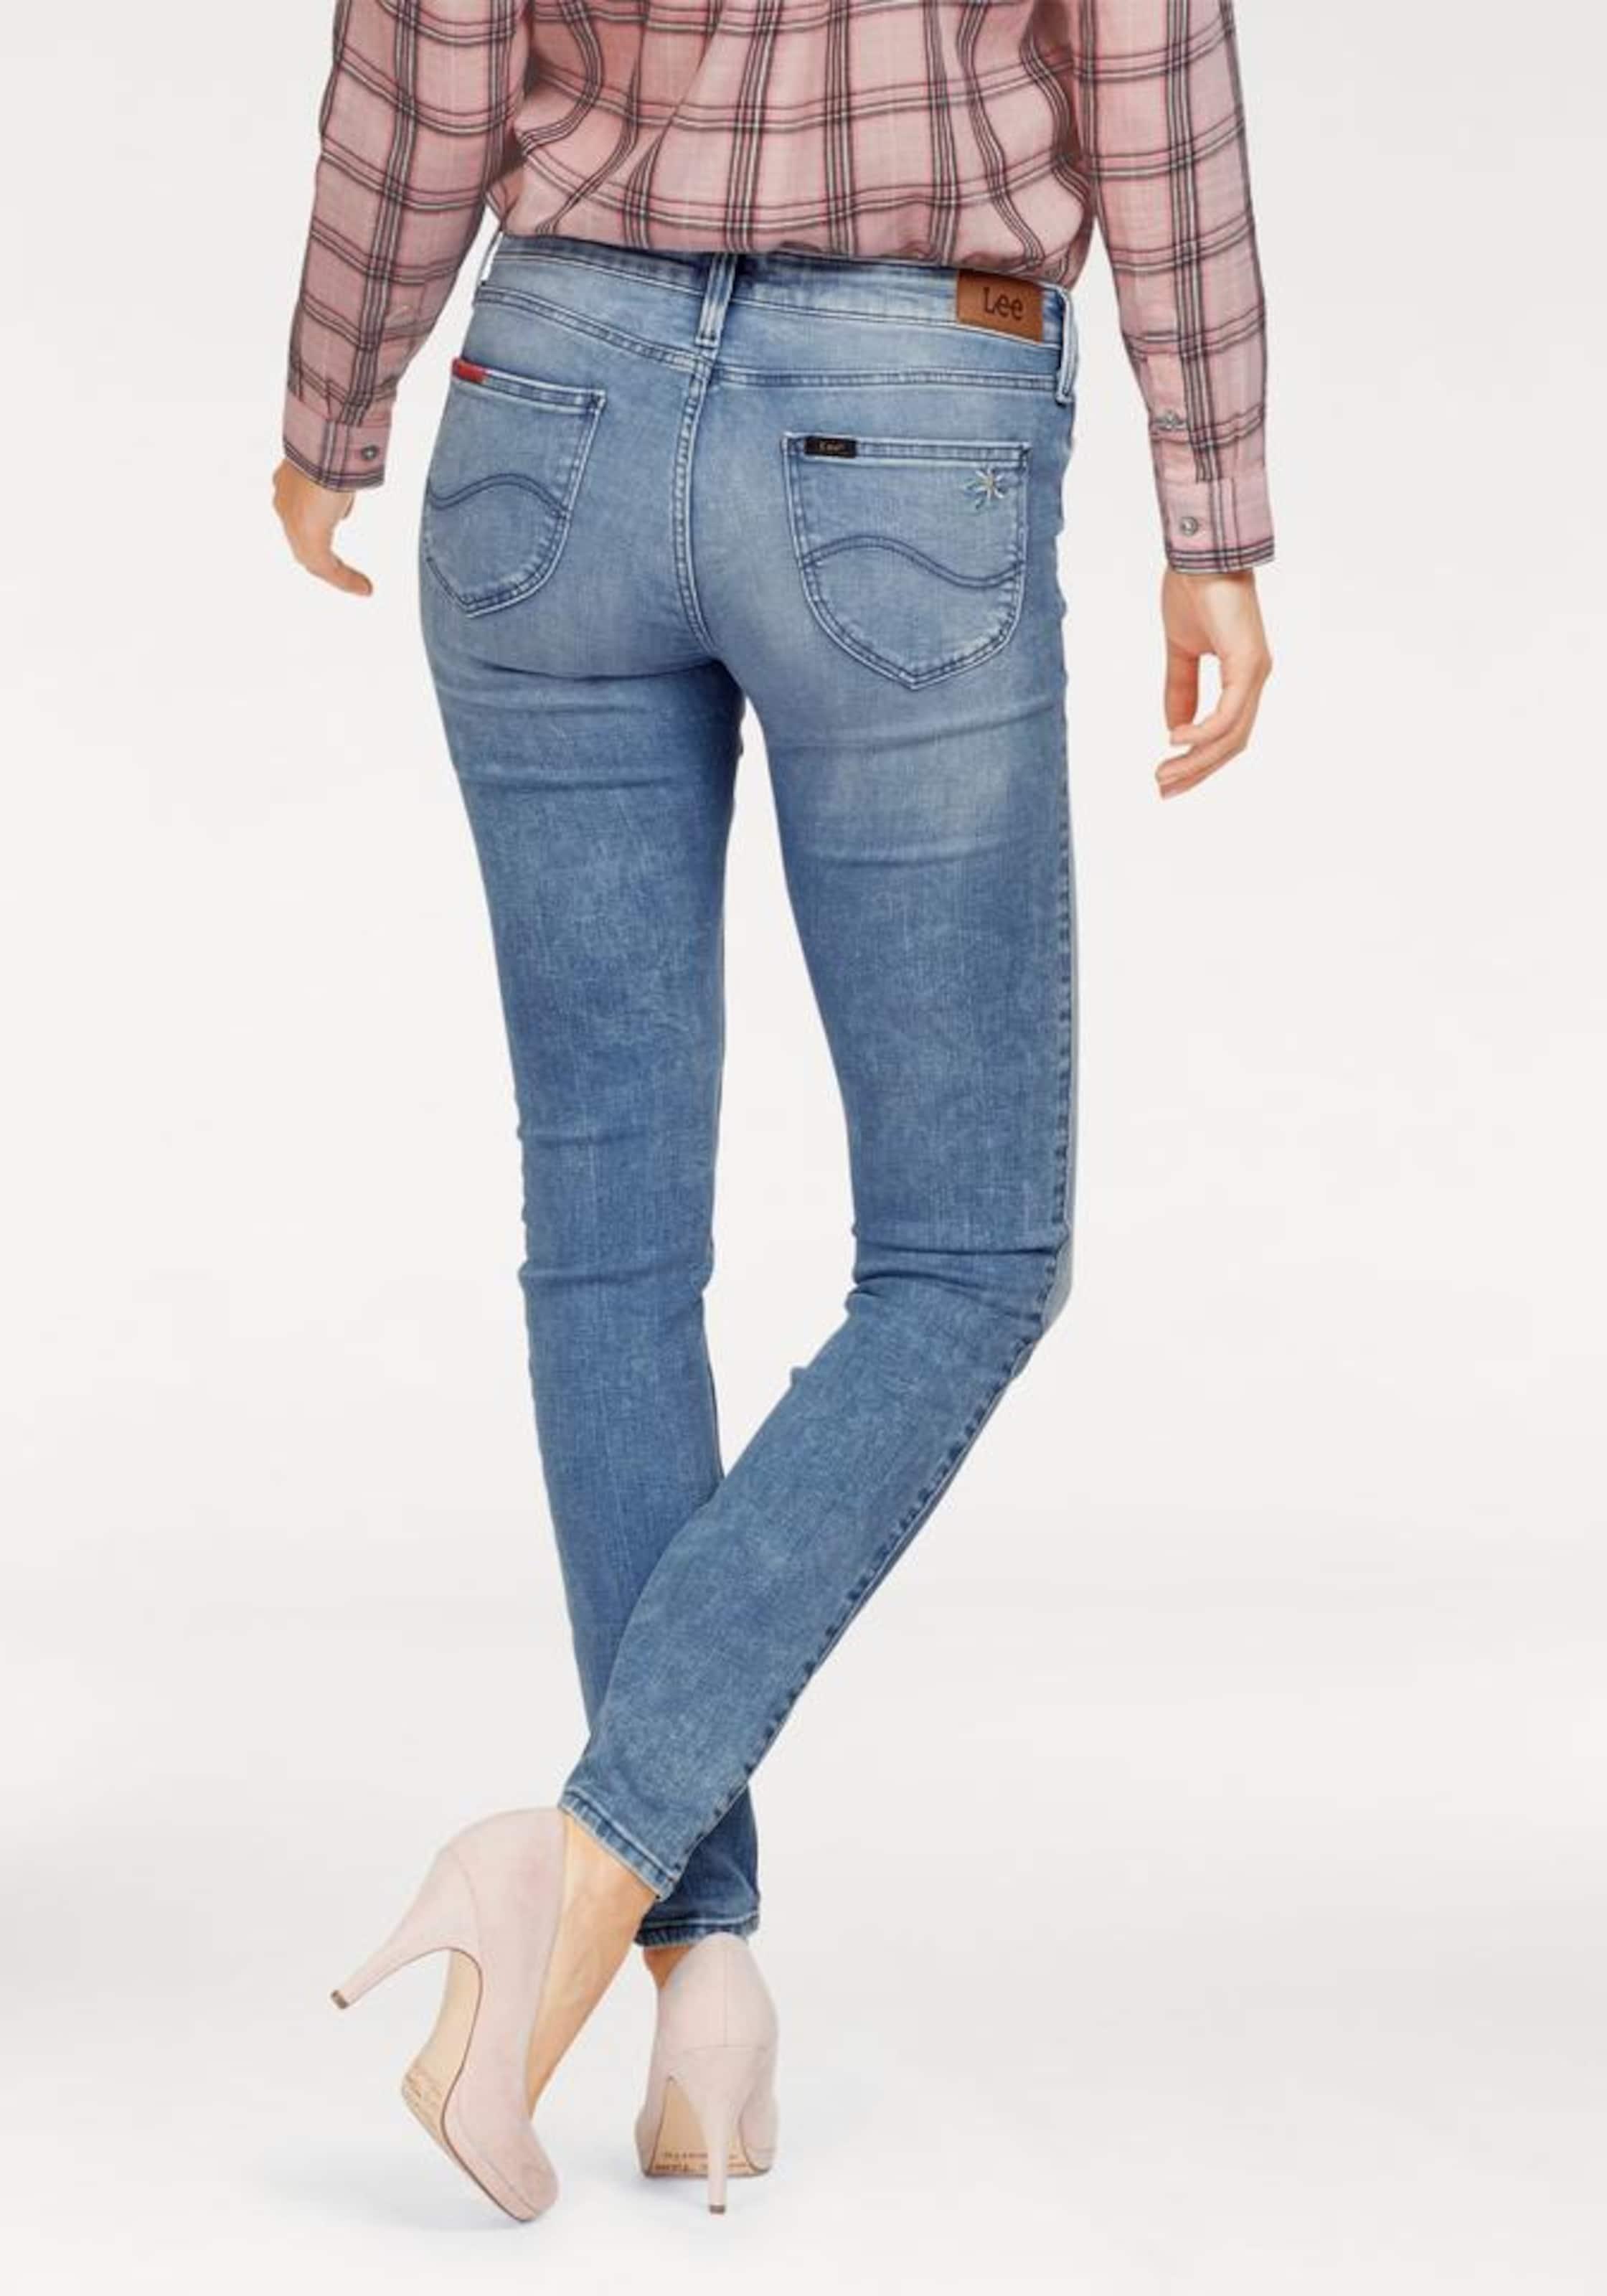 Mit Visum Günstigem Preis Zahlen Lee Stretch-Jeans Echt Günstig Online Austritt Aus Deutschland Verkauf Echten Ausgang Wählen Eine Beste 2M4kFl